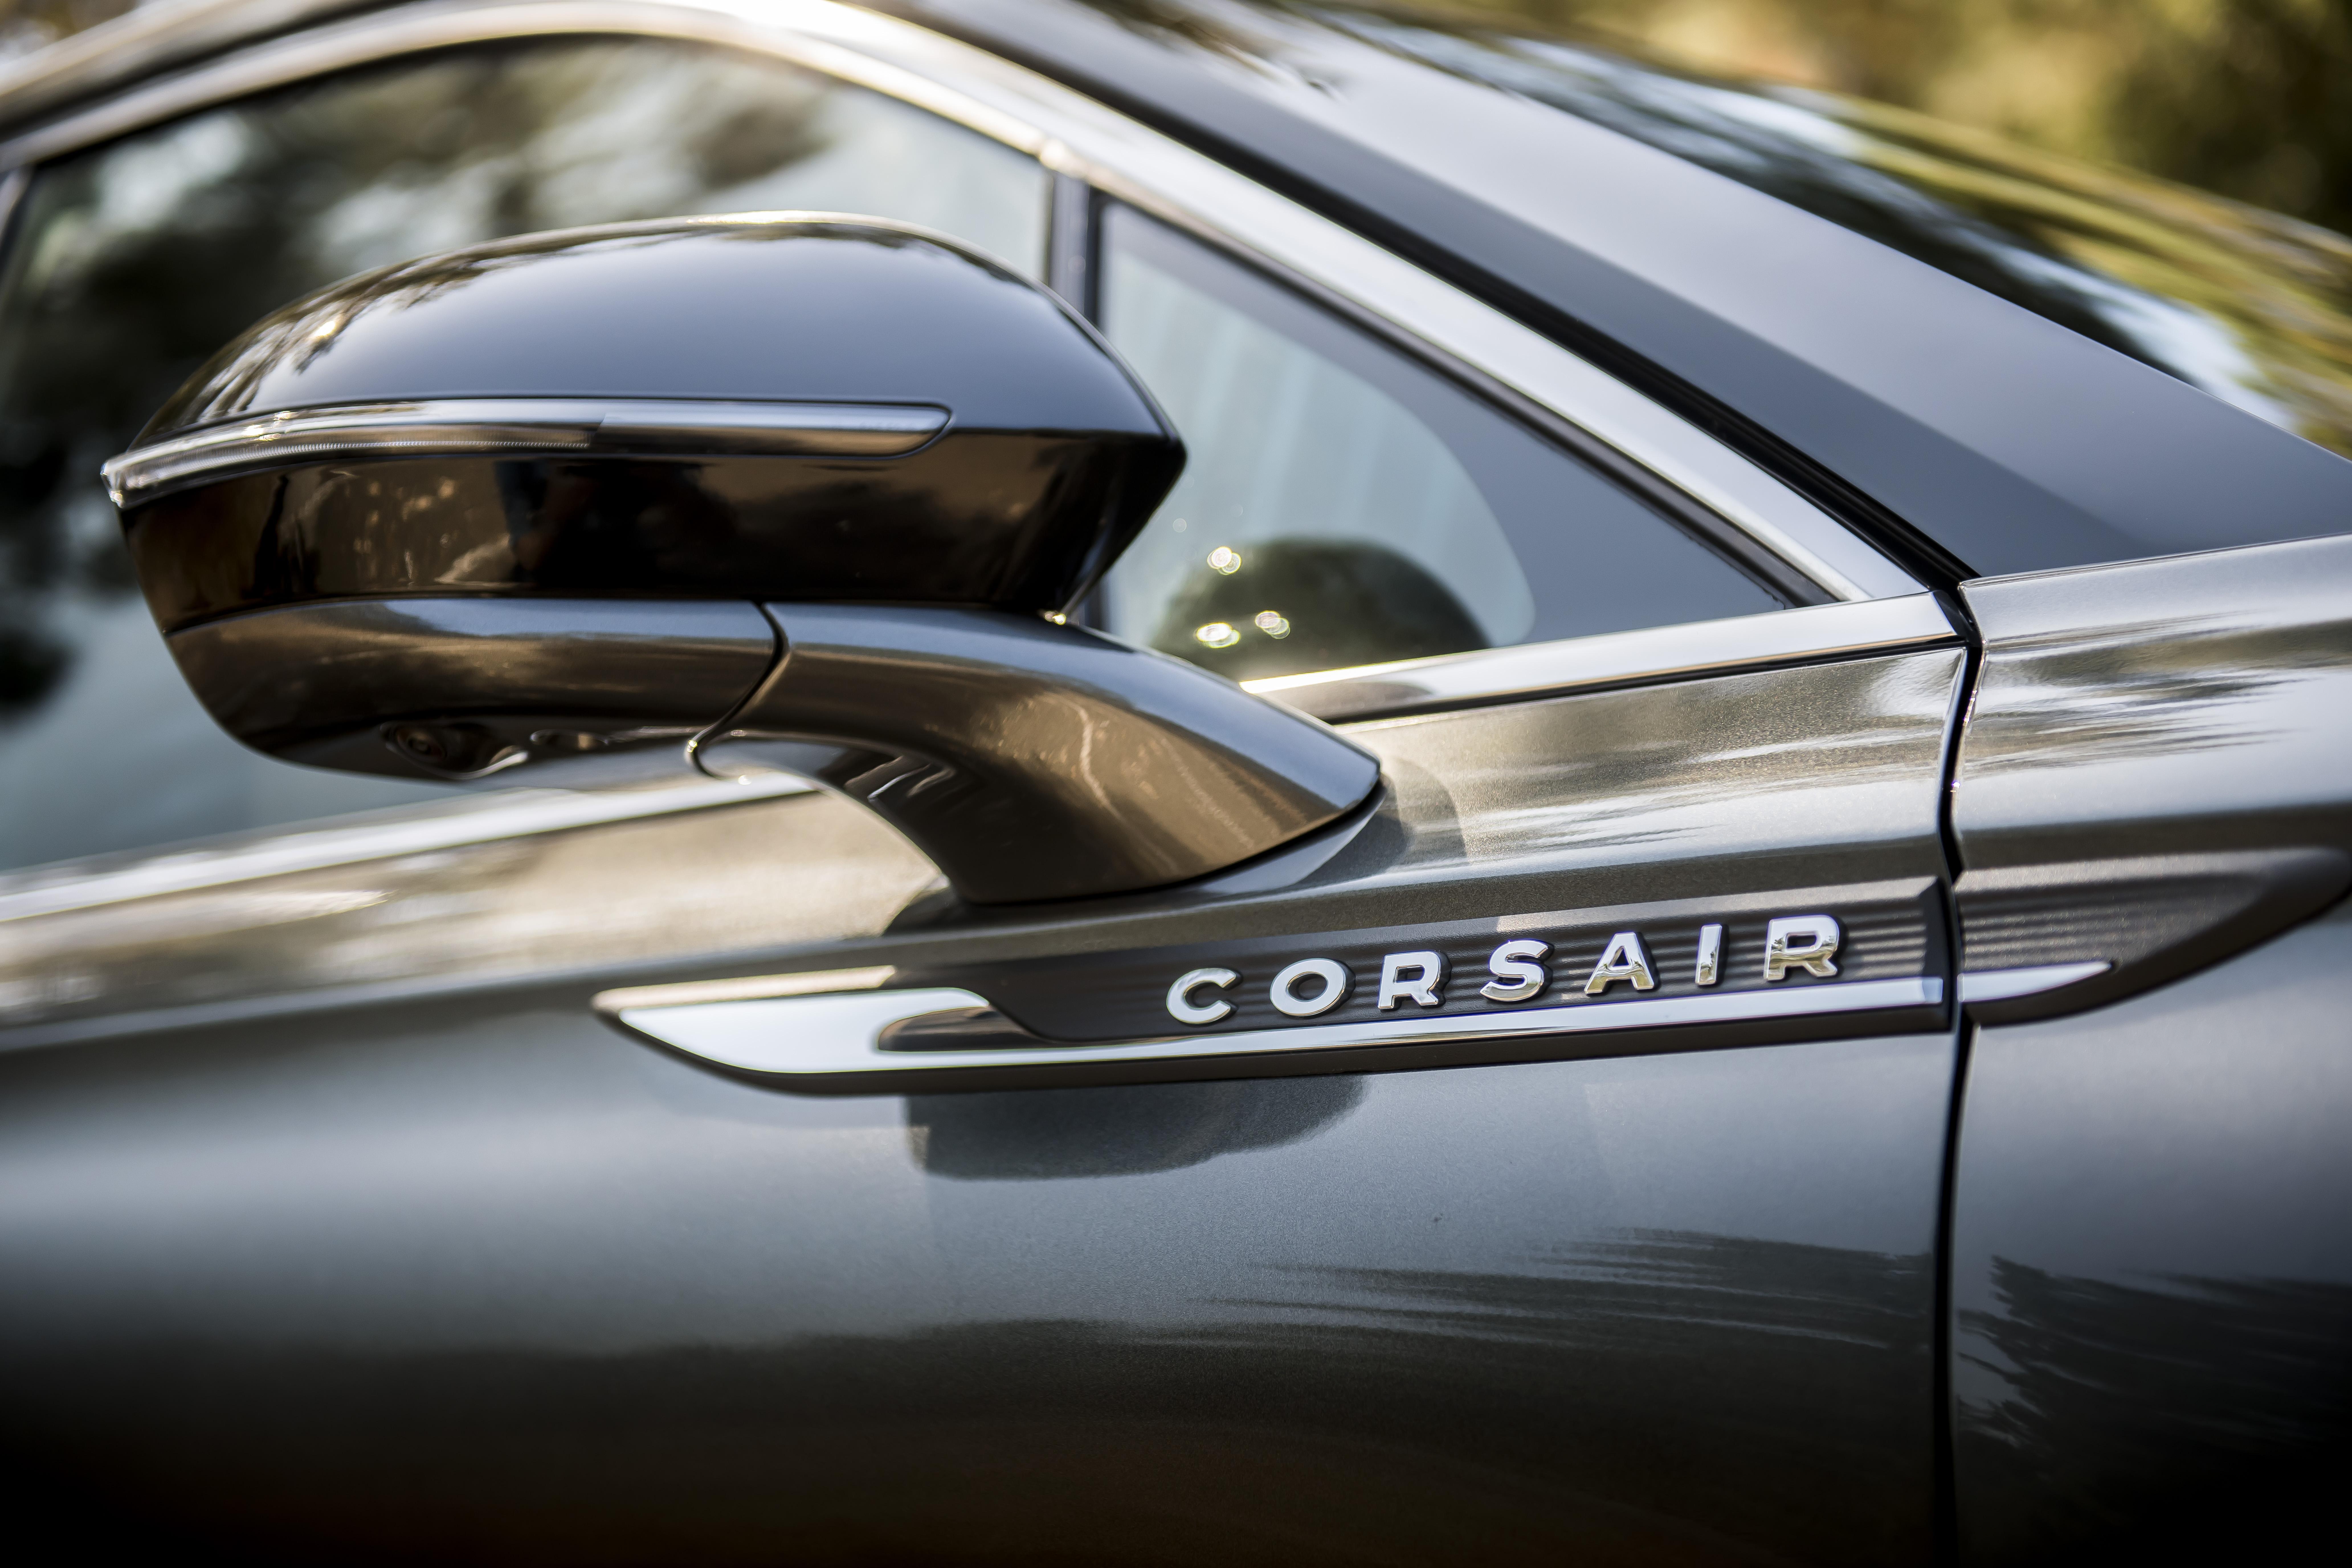 2020 Lincoln Corsair Comparison